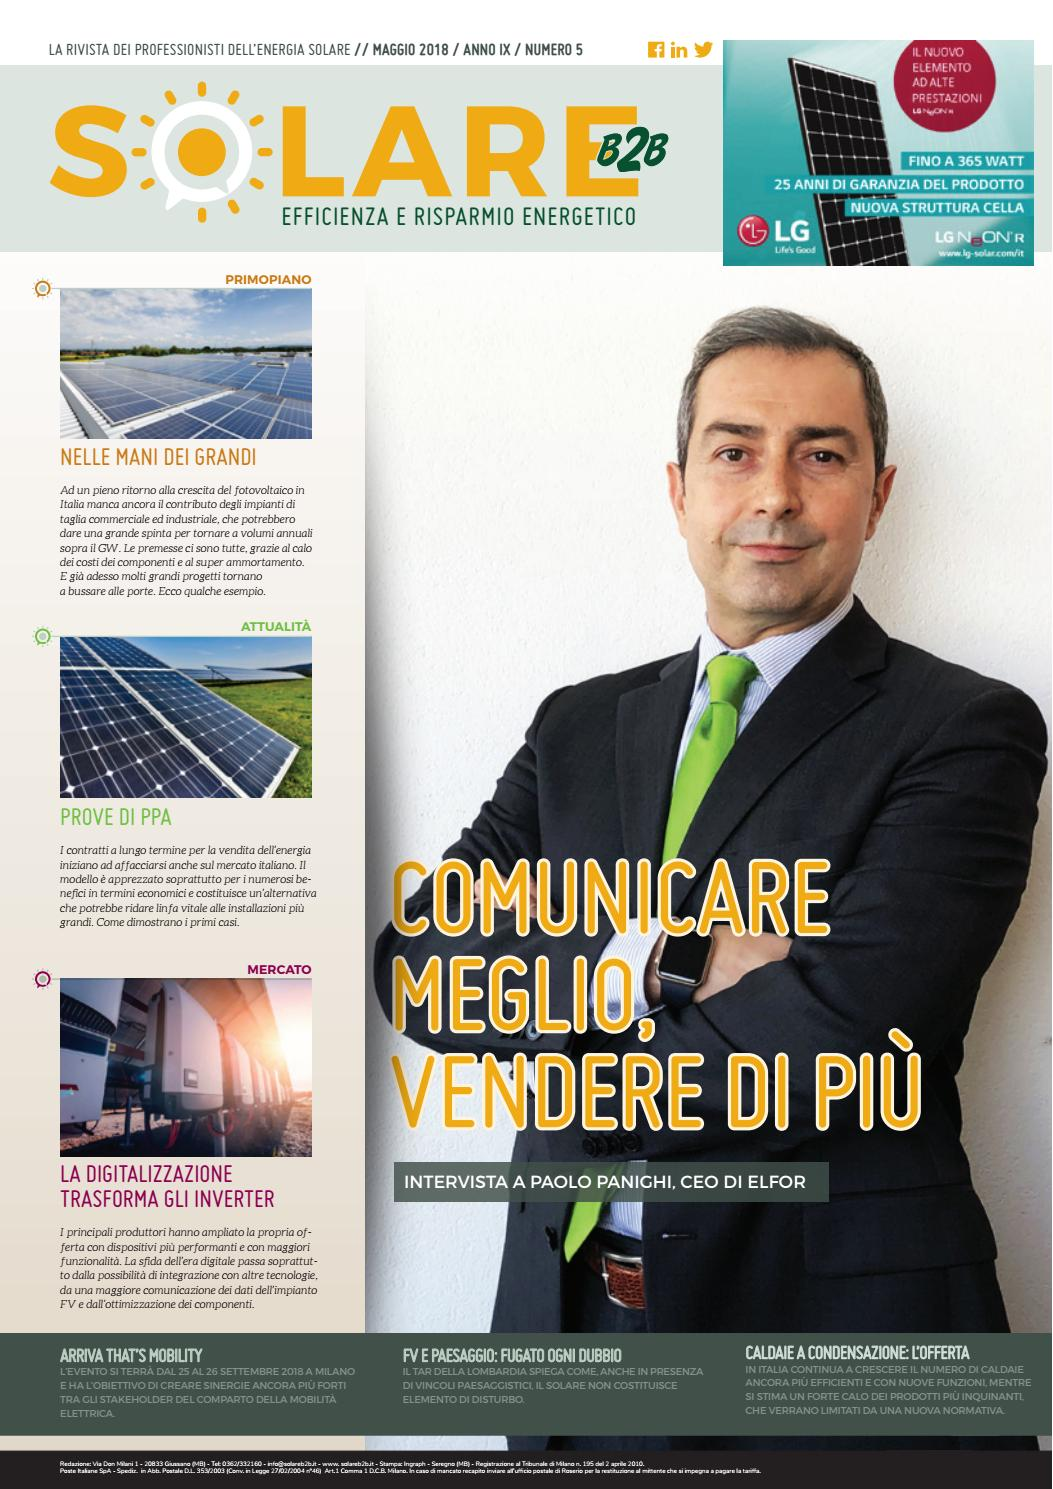 Vendere Energia Elettrica Da Fotovoltaico solare b2b - maggio 2018 by by editoriale farlastrada - issuu